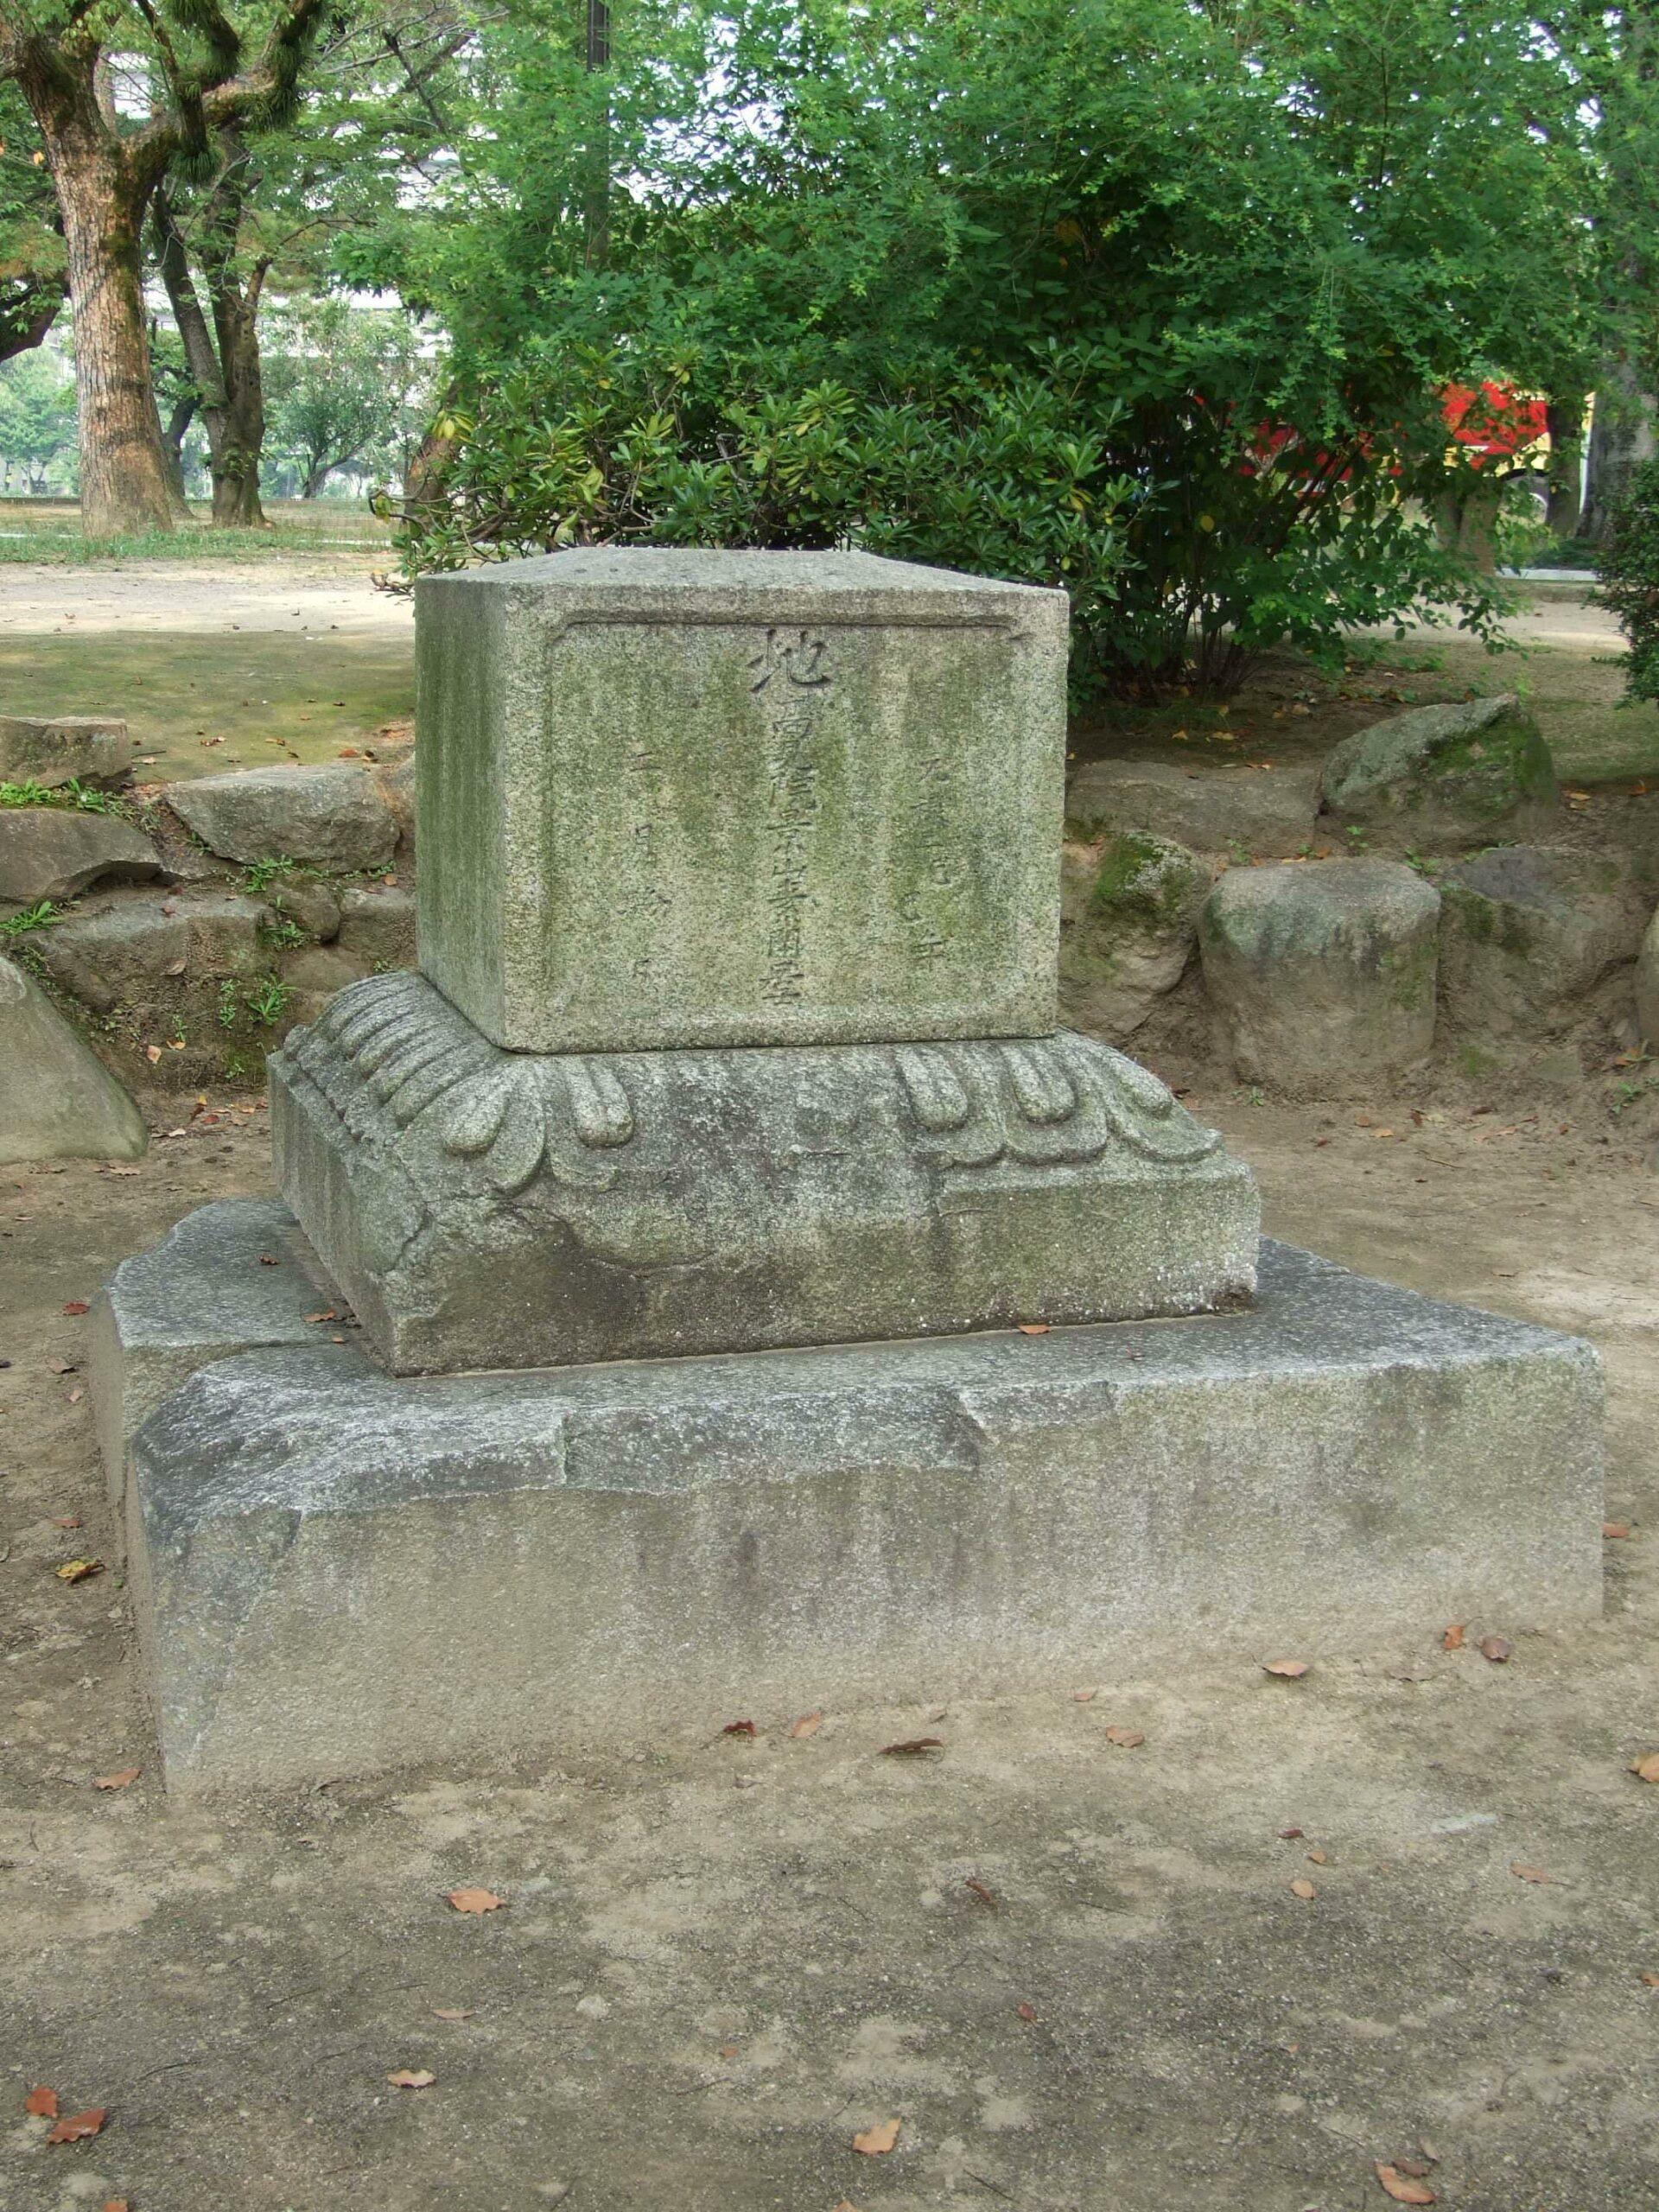 被爆した墓石(慈仙寺跡の墓石)